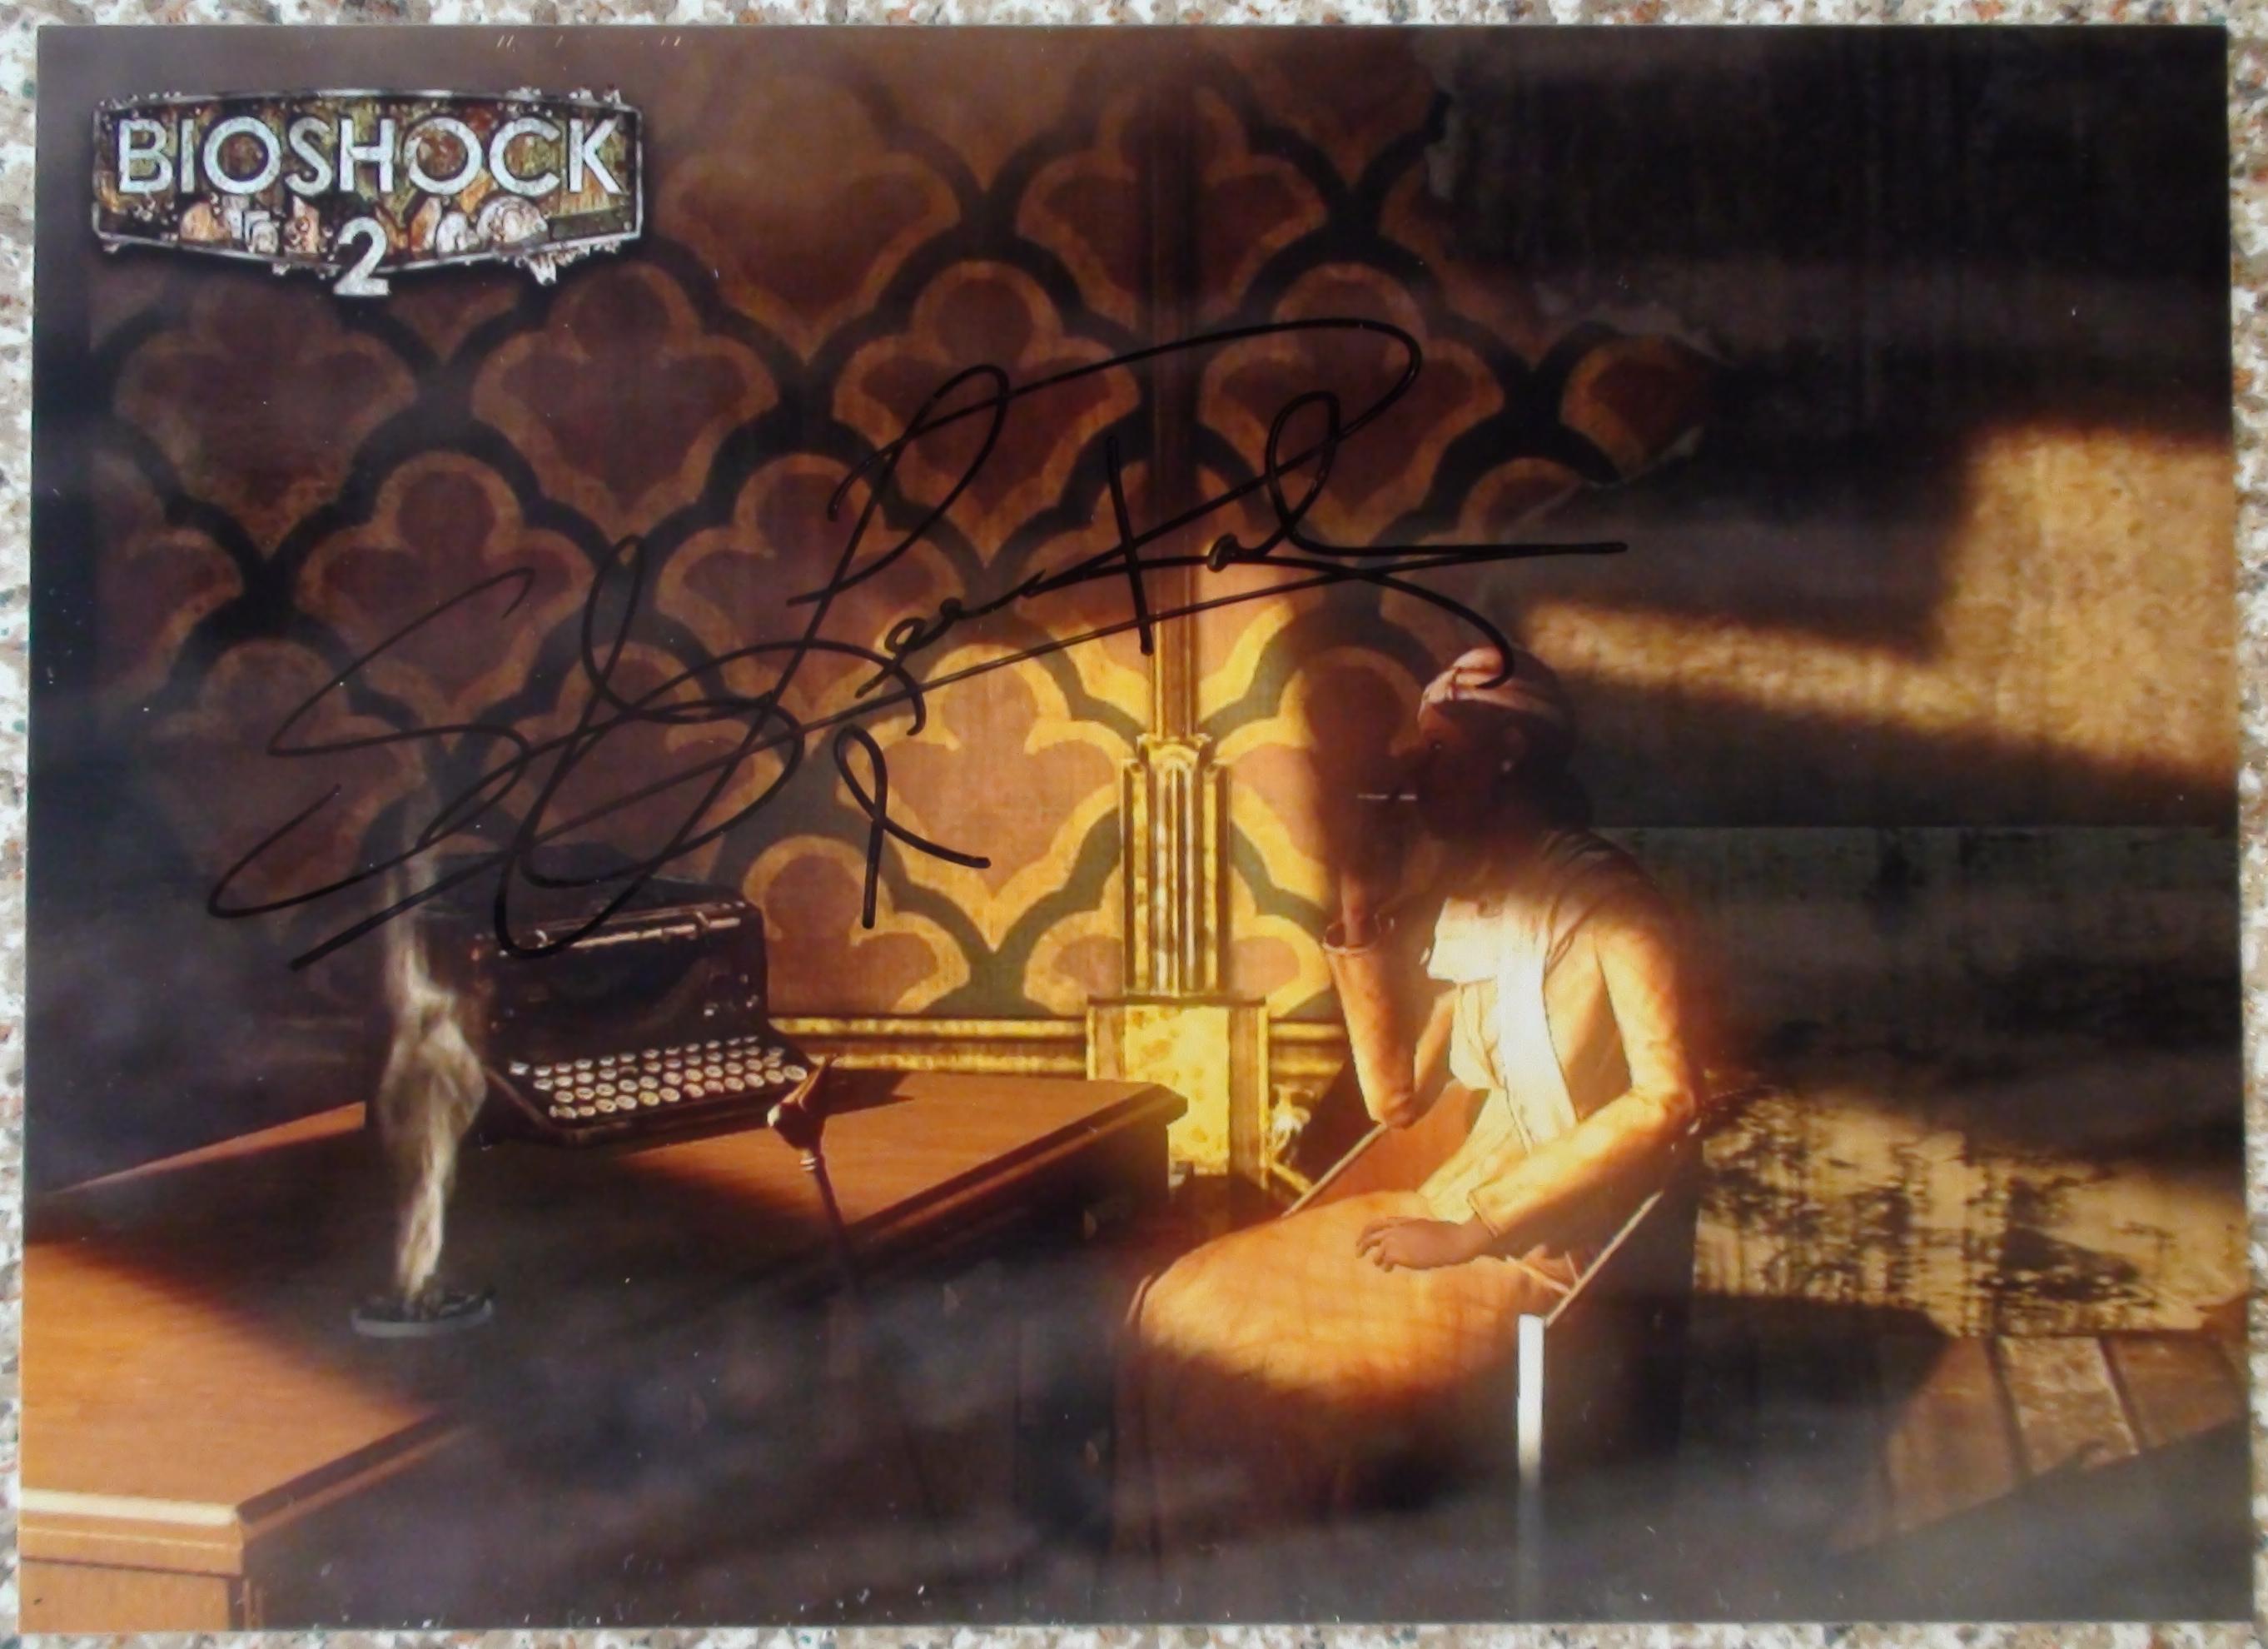 Bioshock 2 - Sheryl Lee Ralph